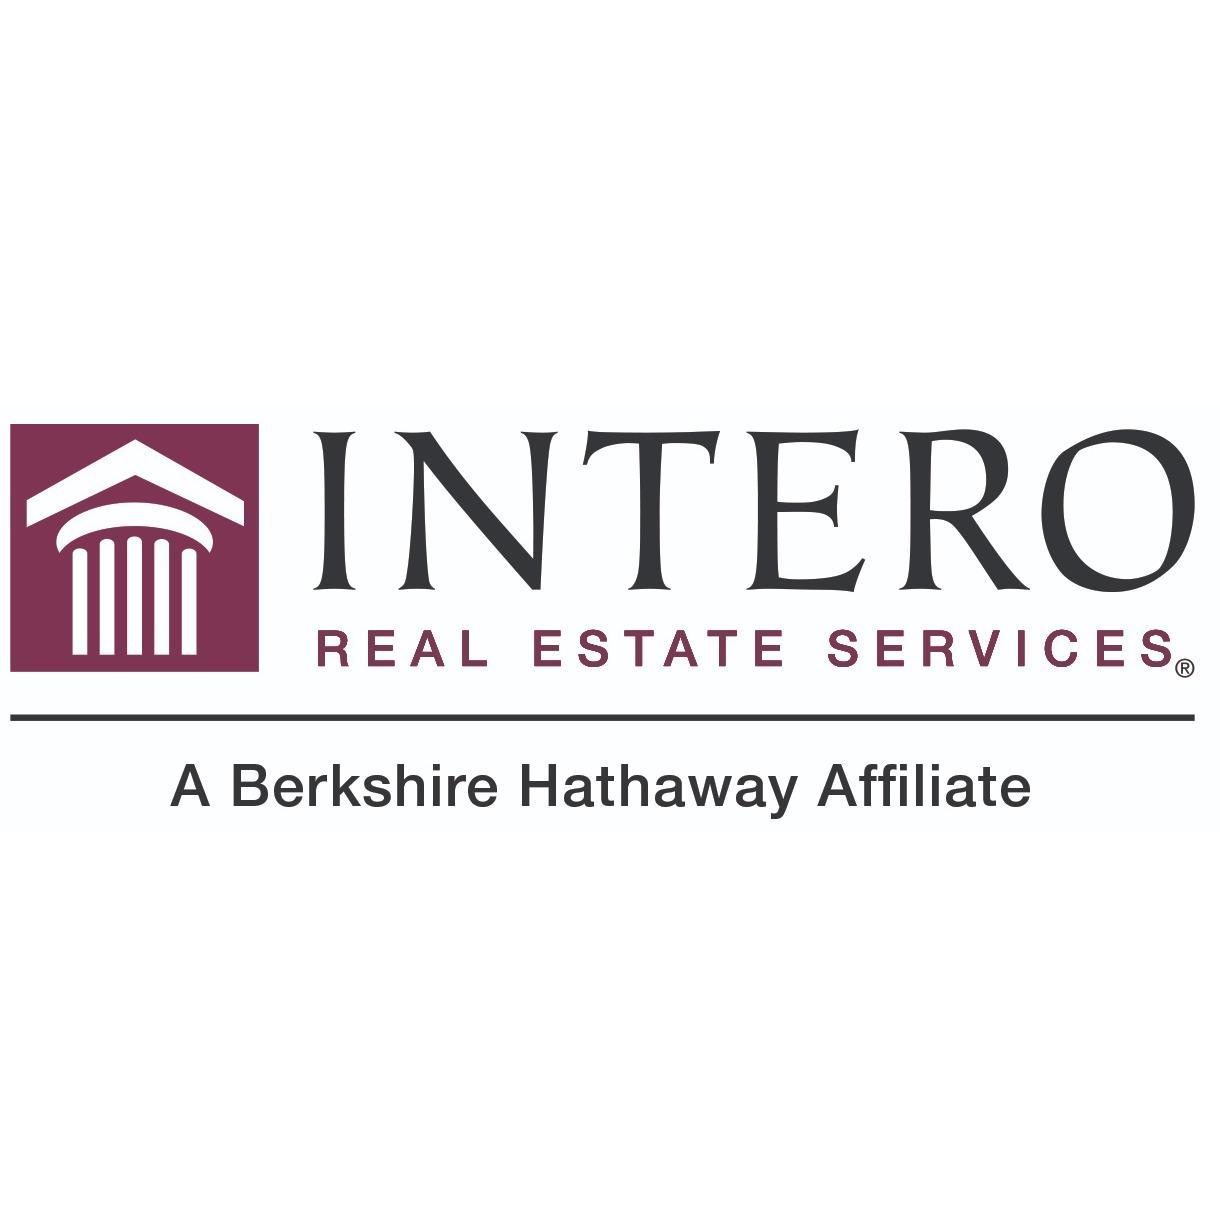 Christine Jeffers, Real Estate